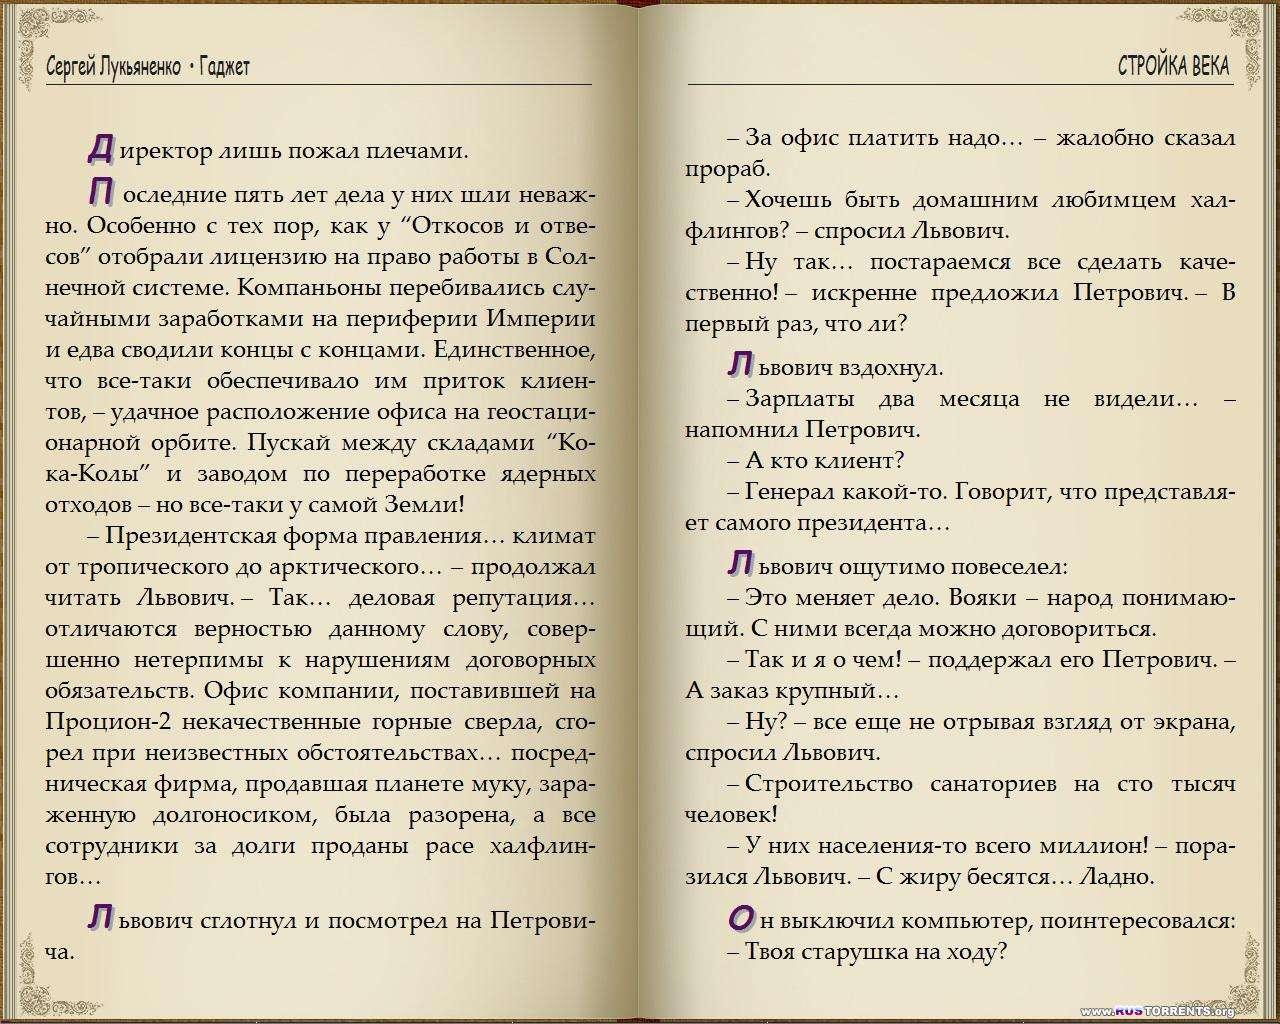 Гаджет (сборник рассказов)